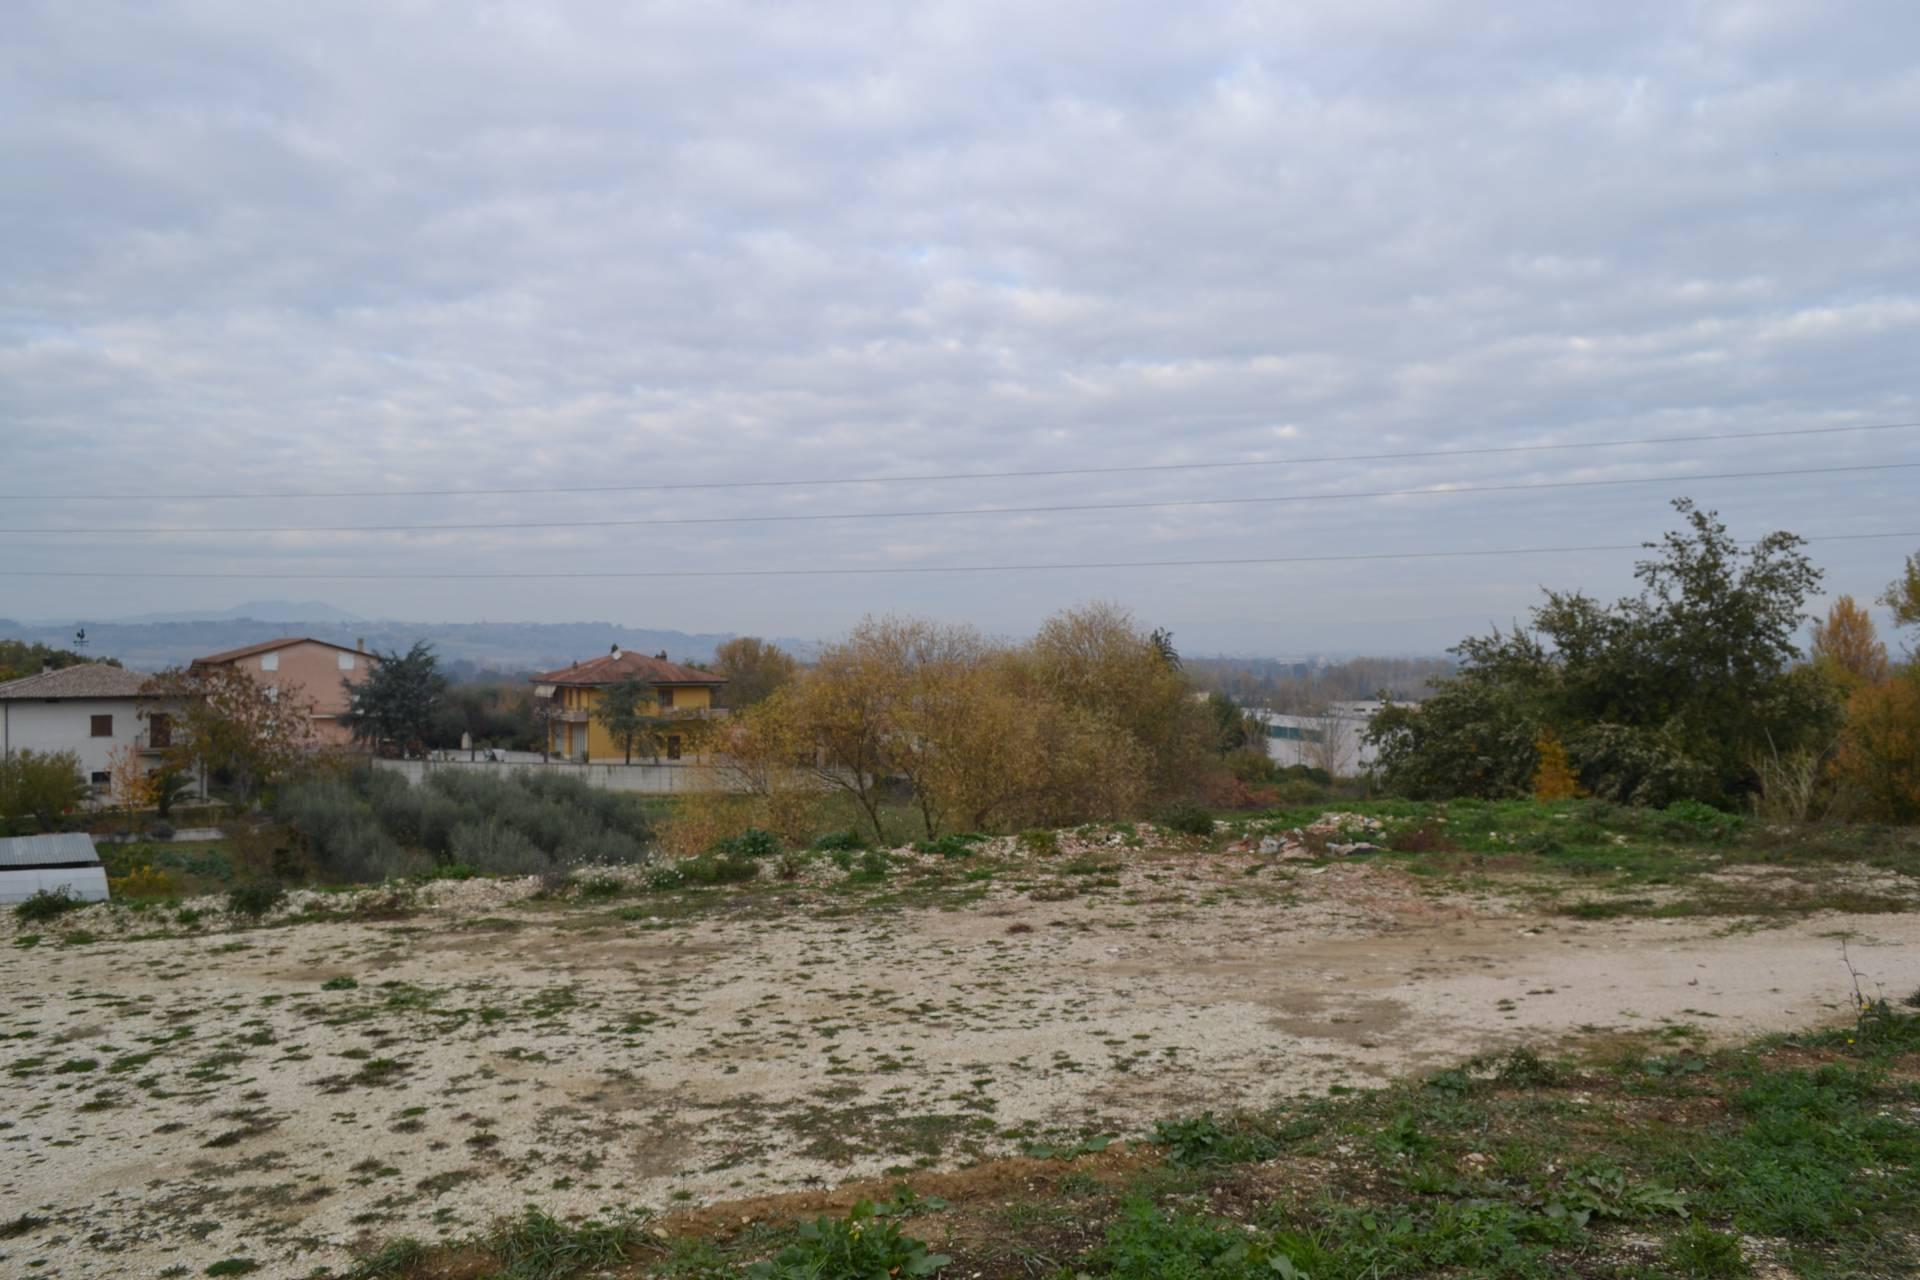 Terreno Edificabile Residenziale in vendita a Bettona, 9999 locali, prezzo € 25.000 | CambioCasa.it